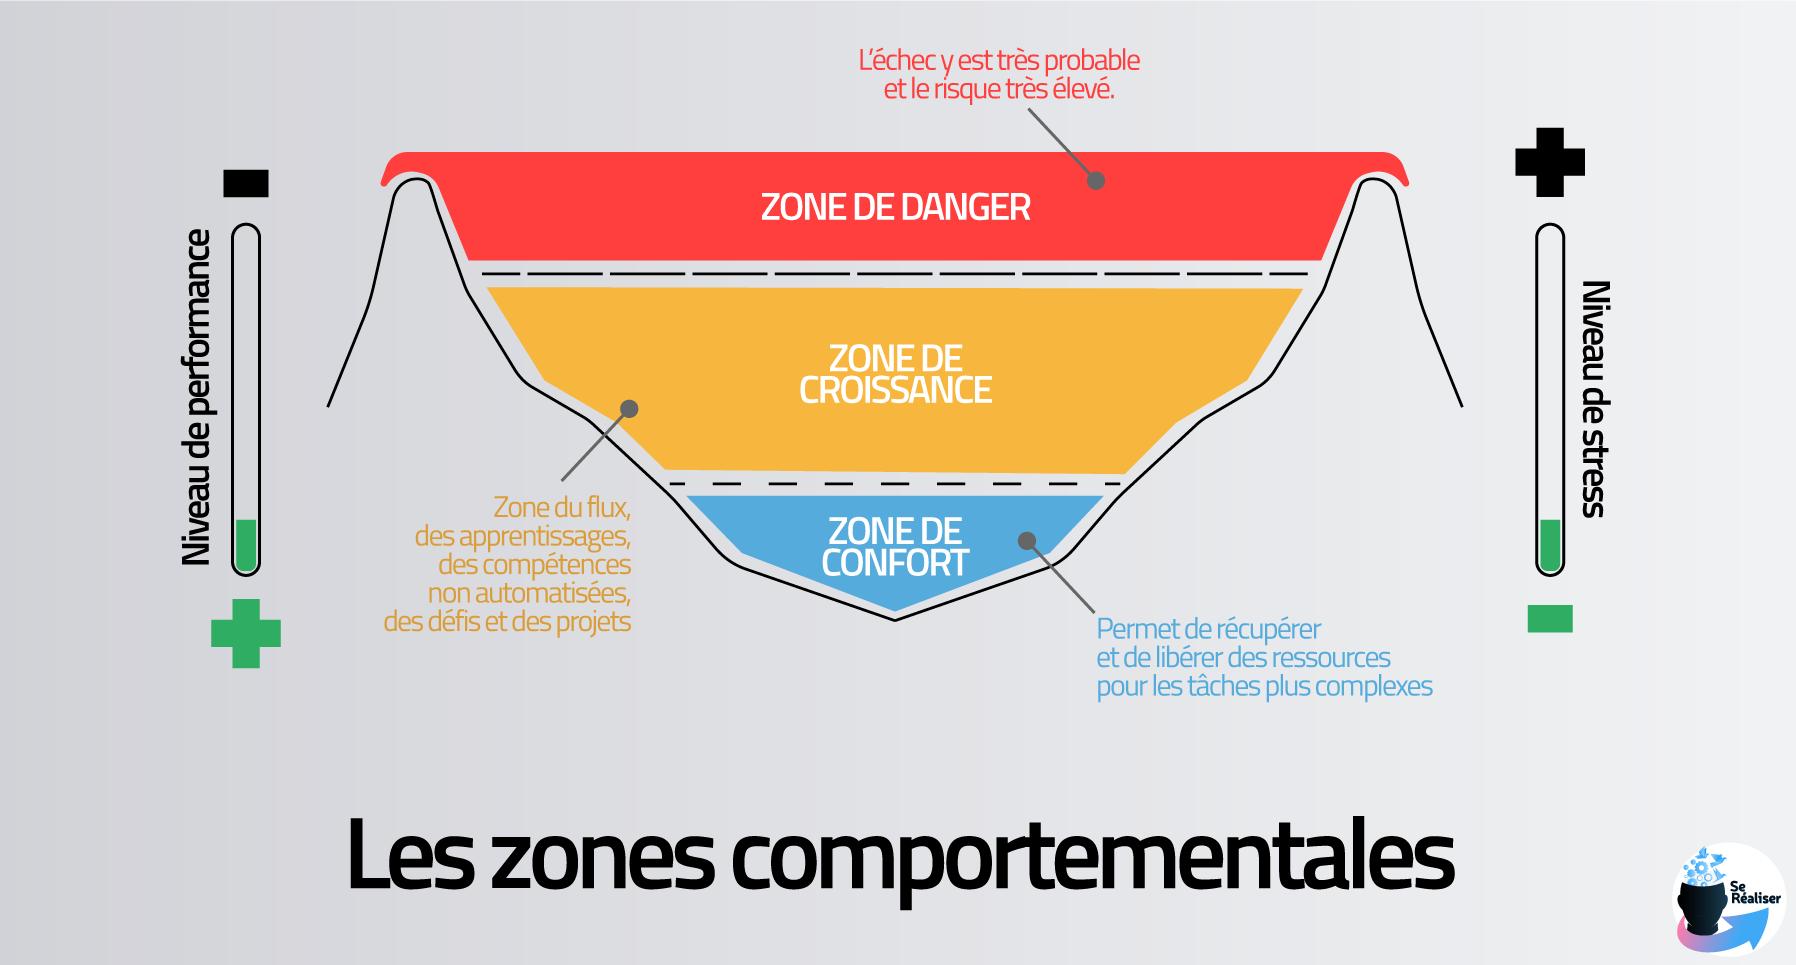 Schéma représentant les différentes zones comportementales